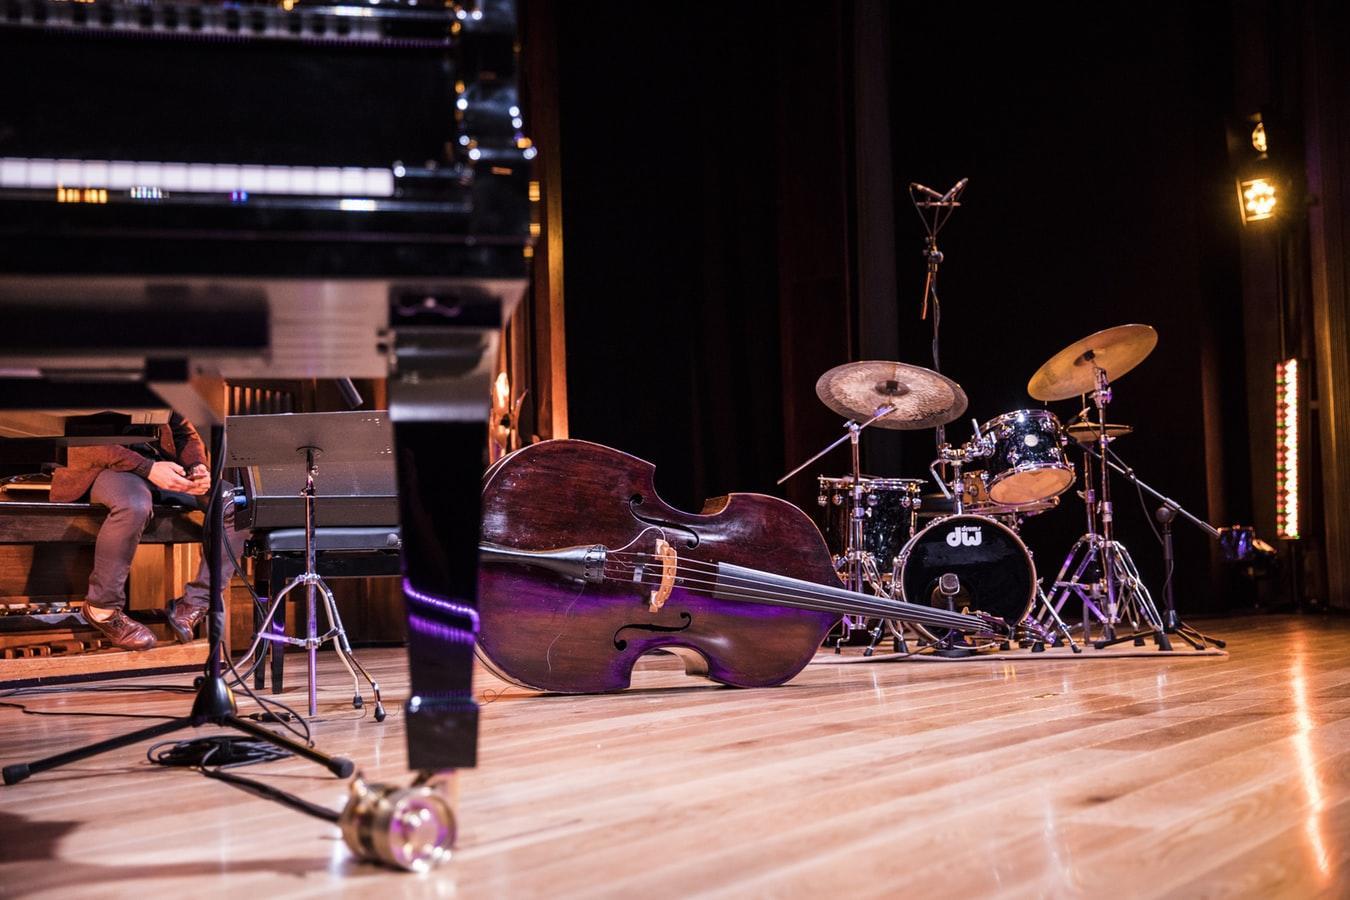 viser bilde av instrumenter